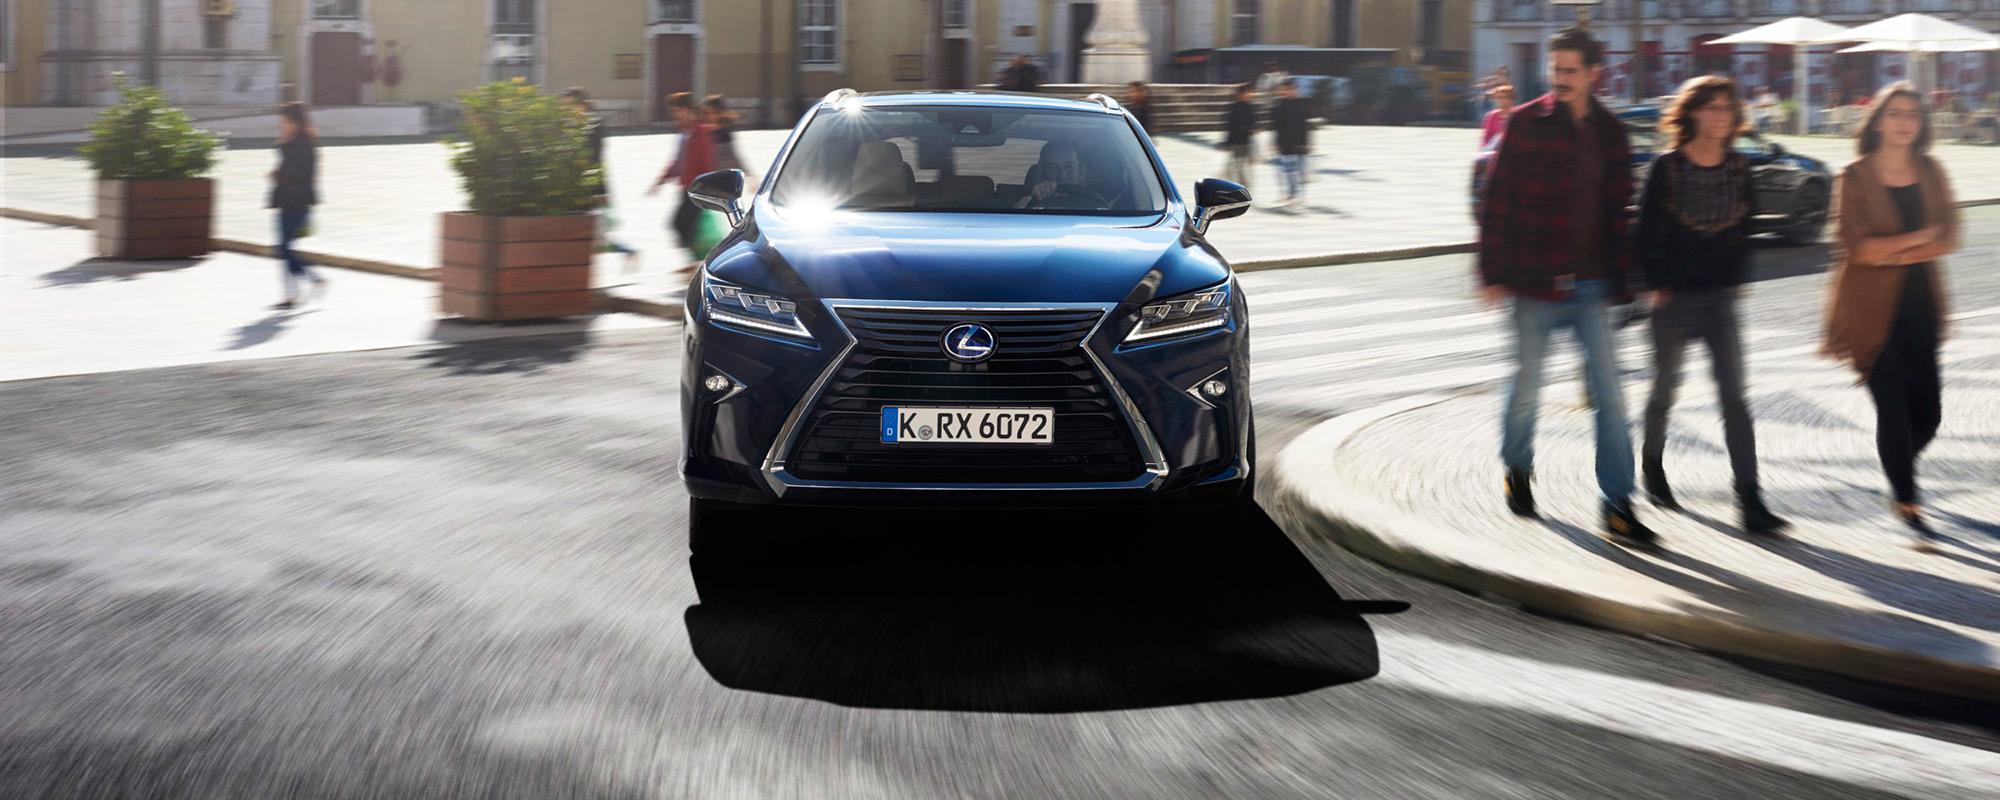 Nieuwe Lexus RX beschermt voetgangers het beste van alle grote premium SUV's